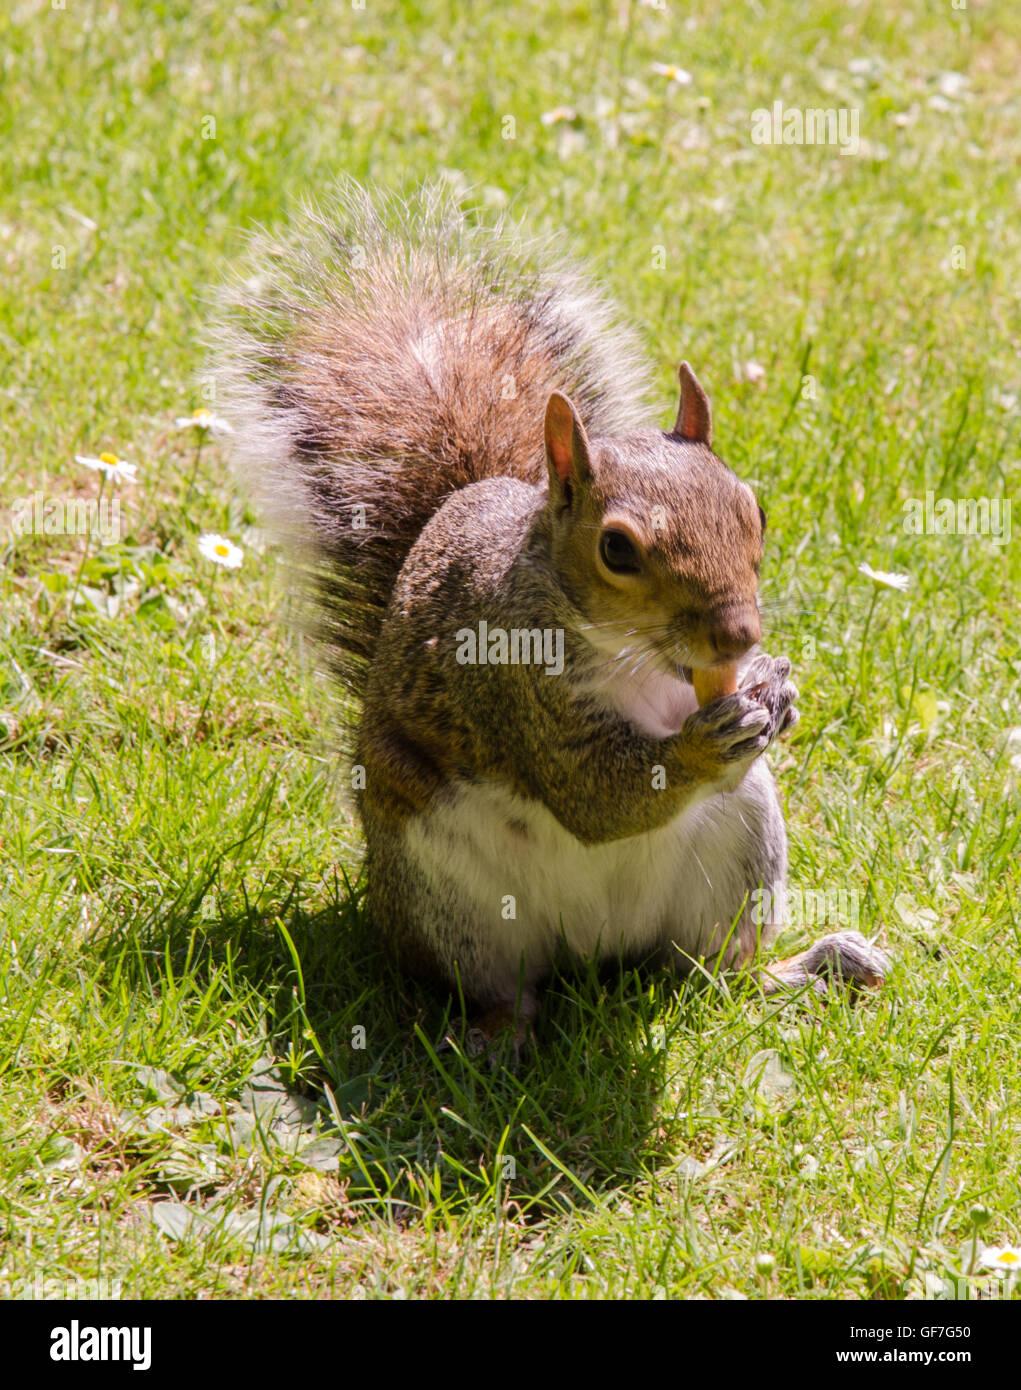 Apprivoiser un écureuil gris. Photo Stock